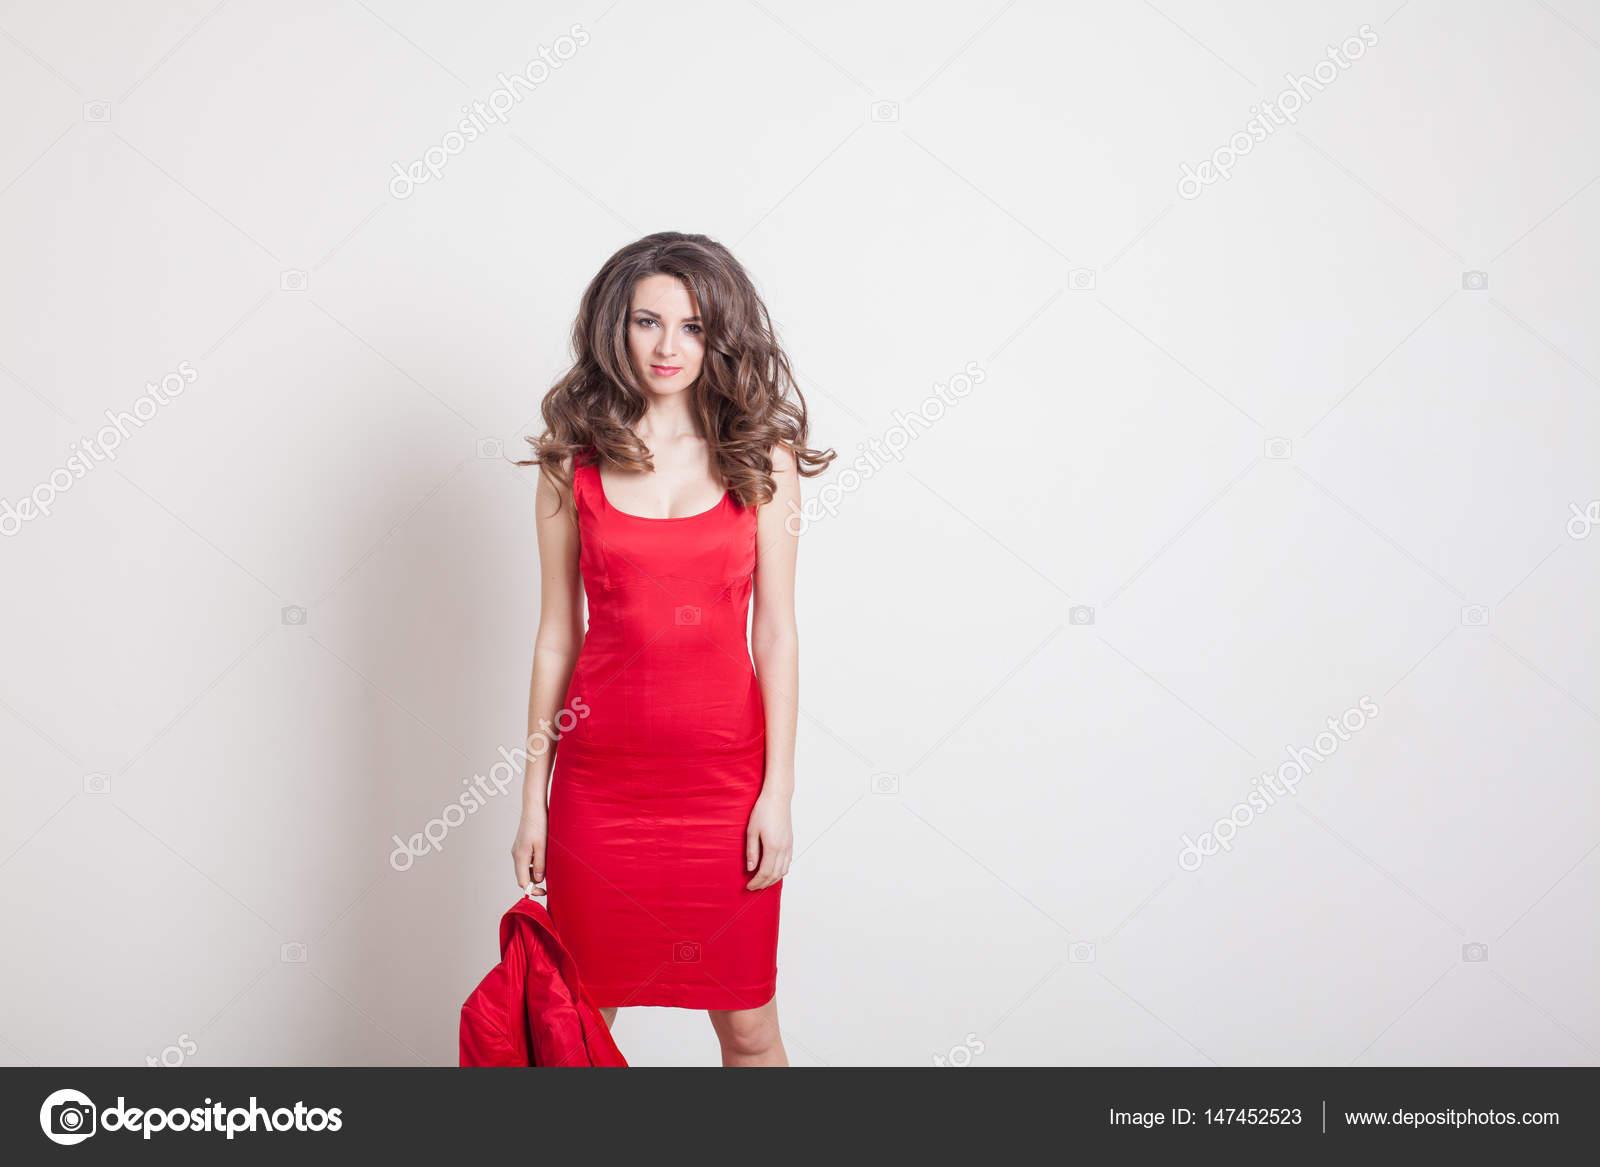 Rizos De La Chica Del Vestido Rojo Foto De Stock